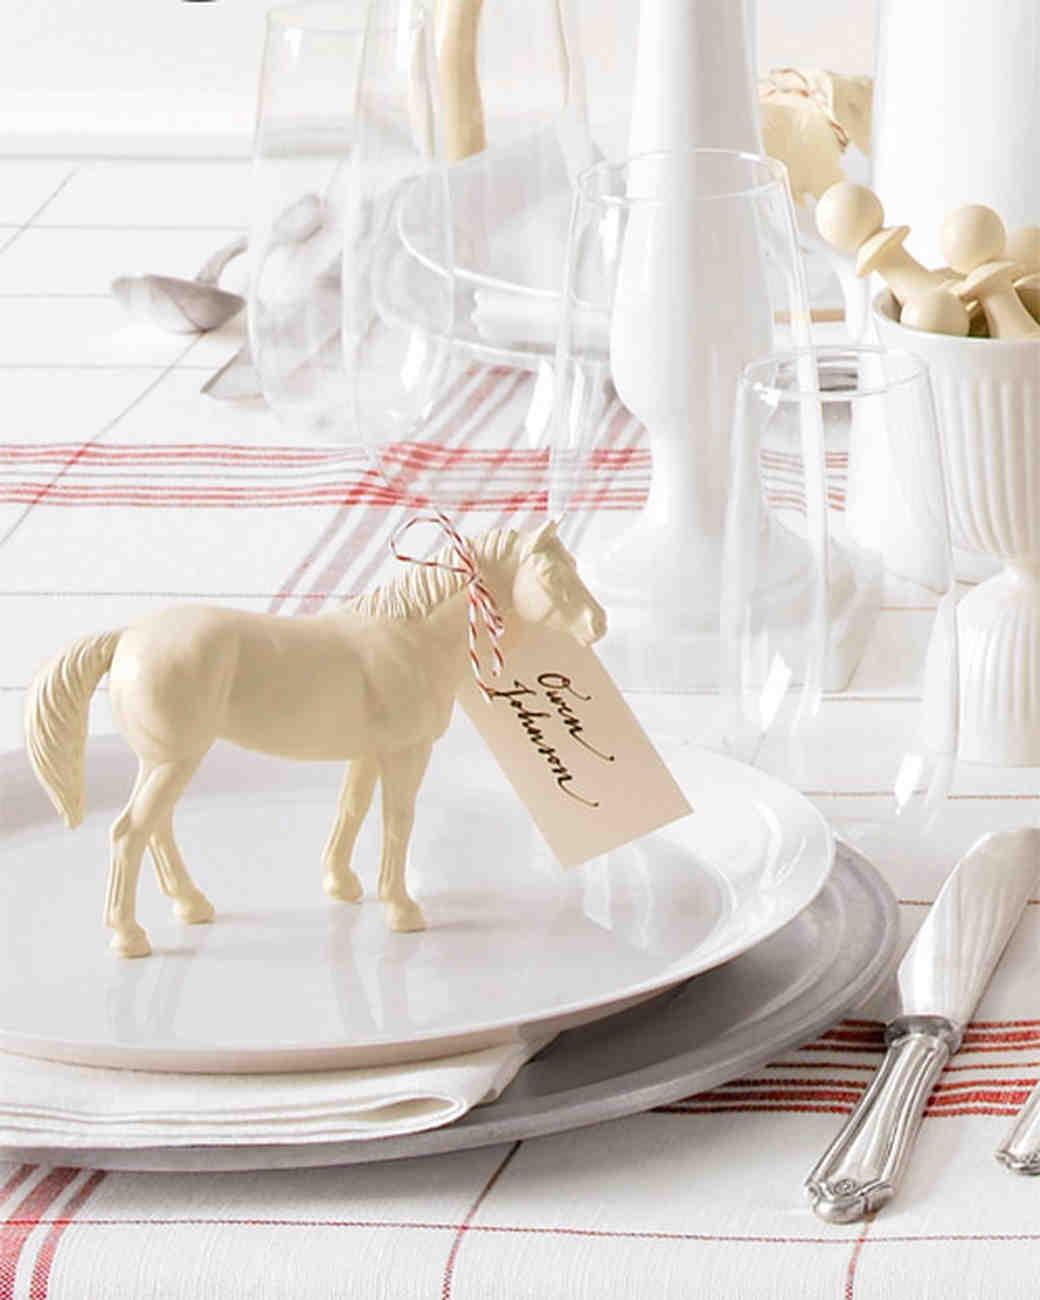 Martha Stewart Weddings: Stylish DIY Wedding Table Settings